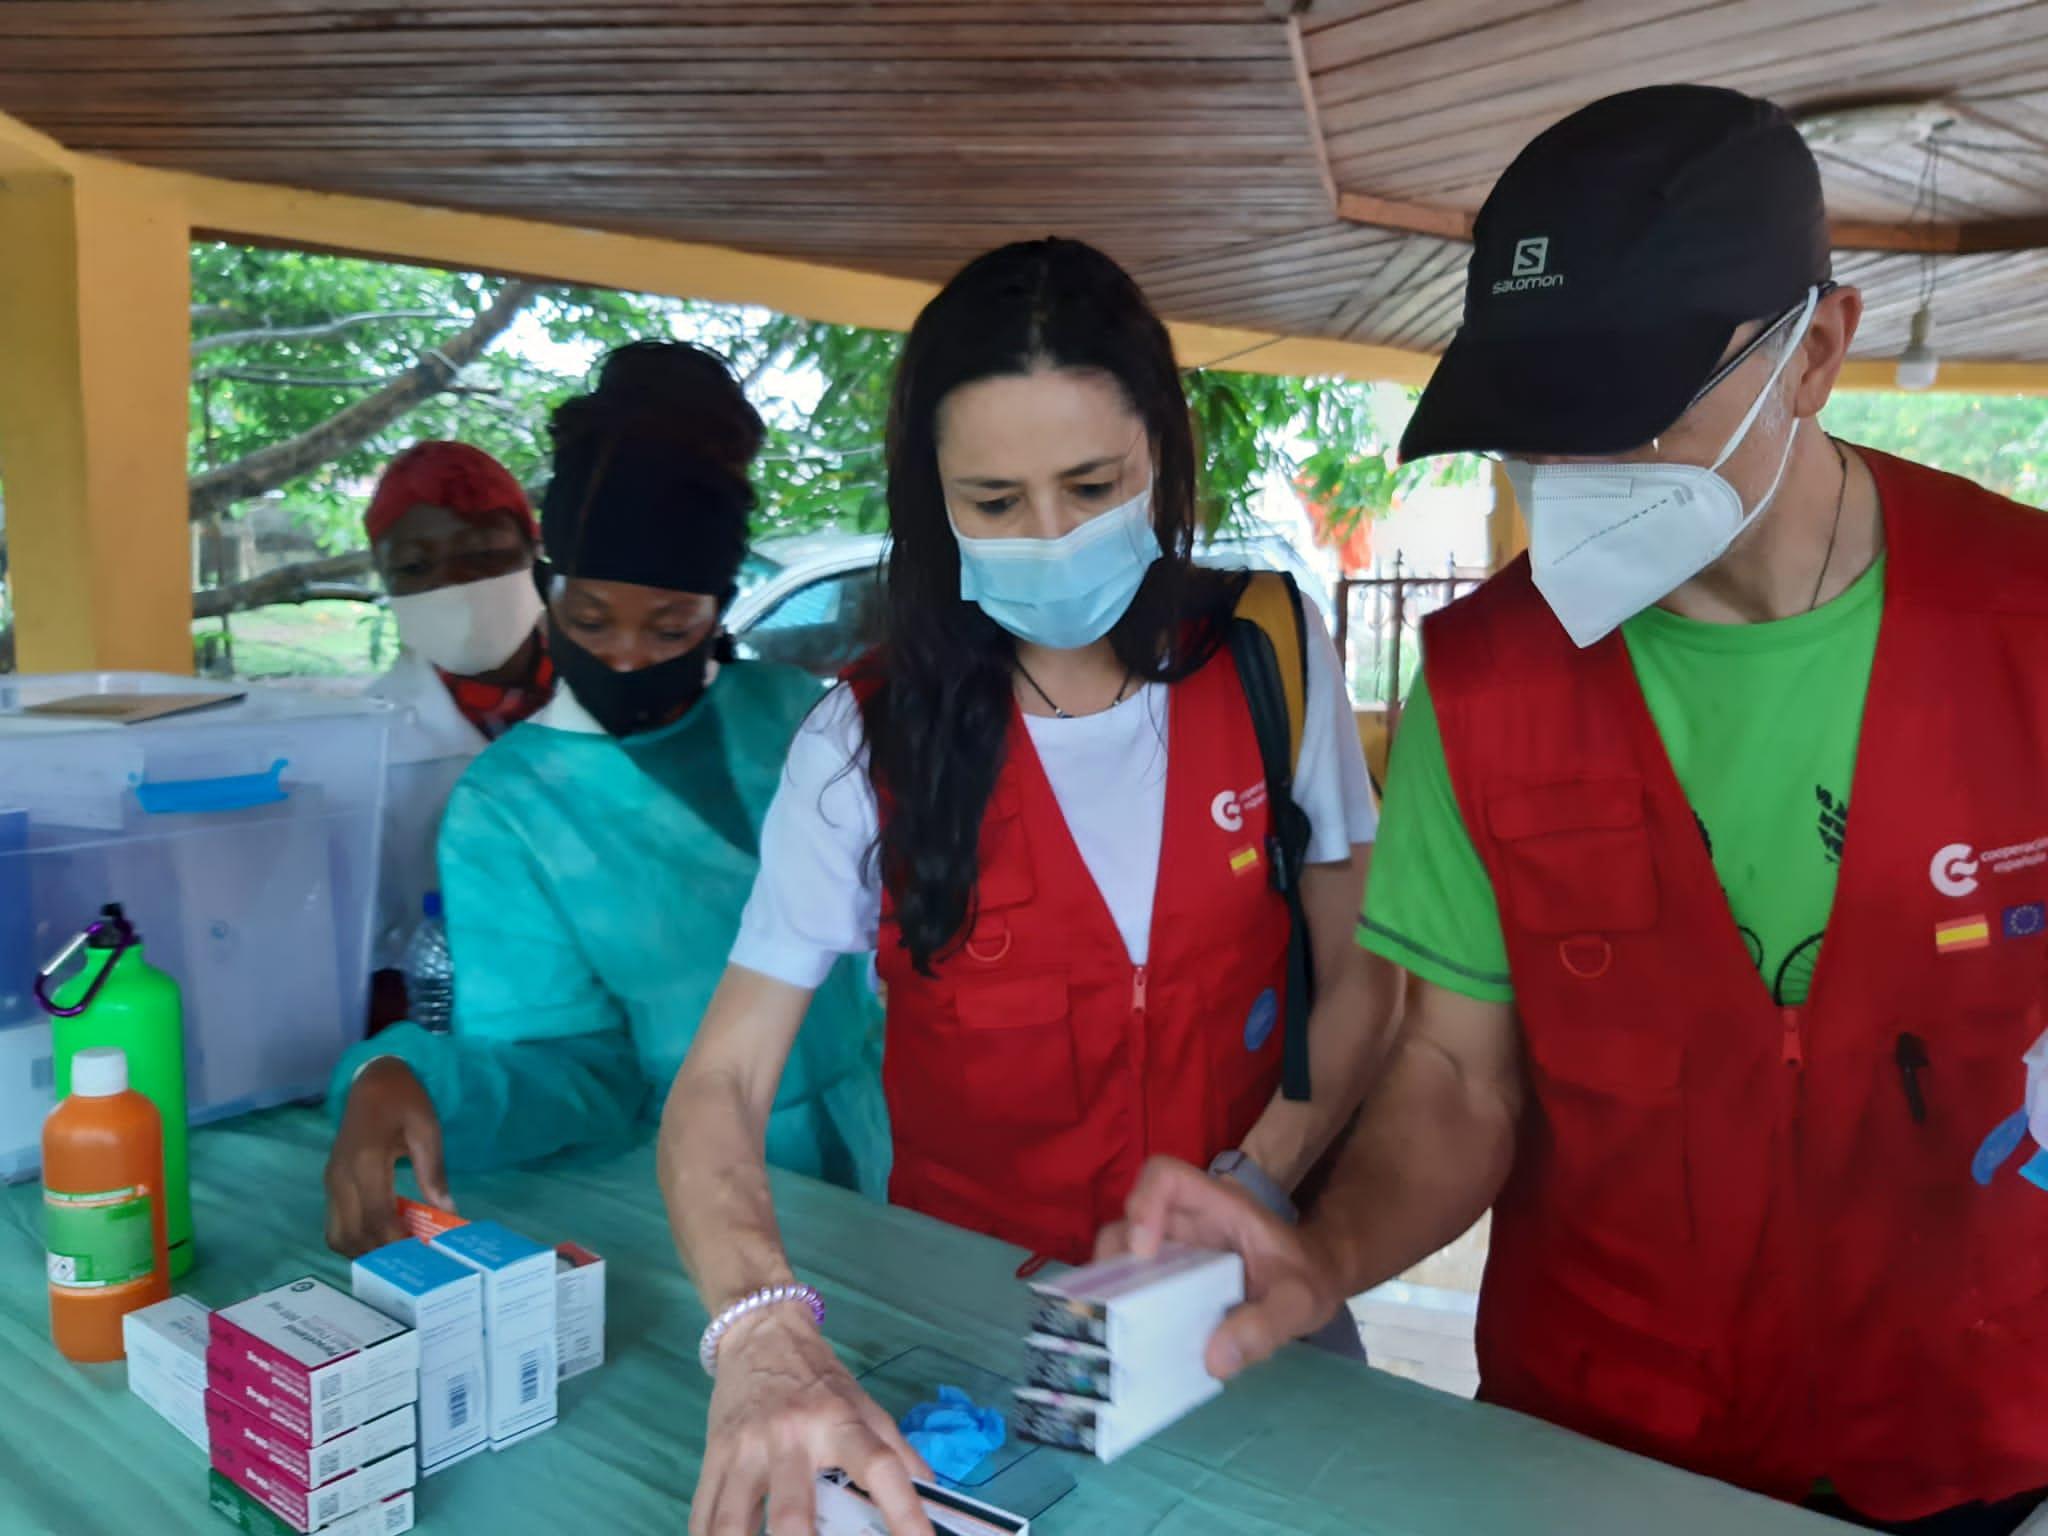 El equipo START de Acción Humanitaria de la Cooperación Española continúa desplegado en la ciudad de Bata